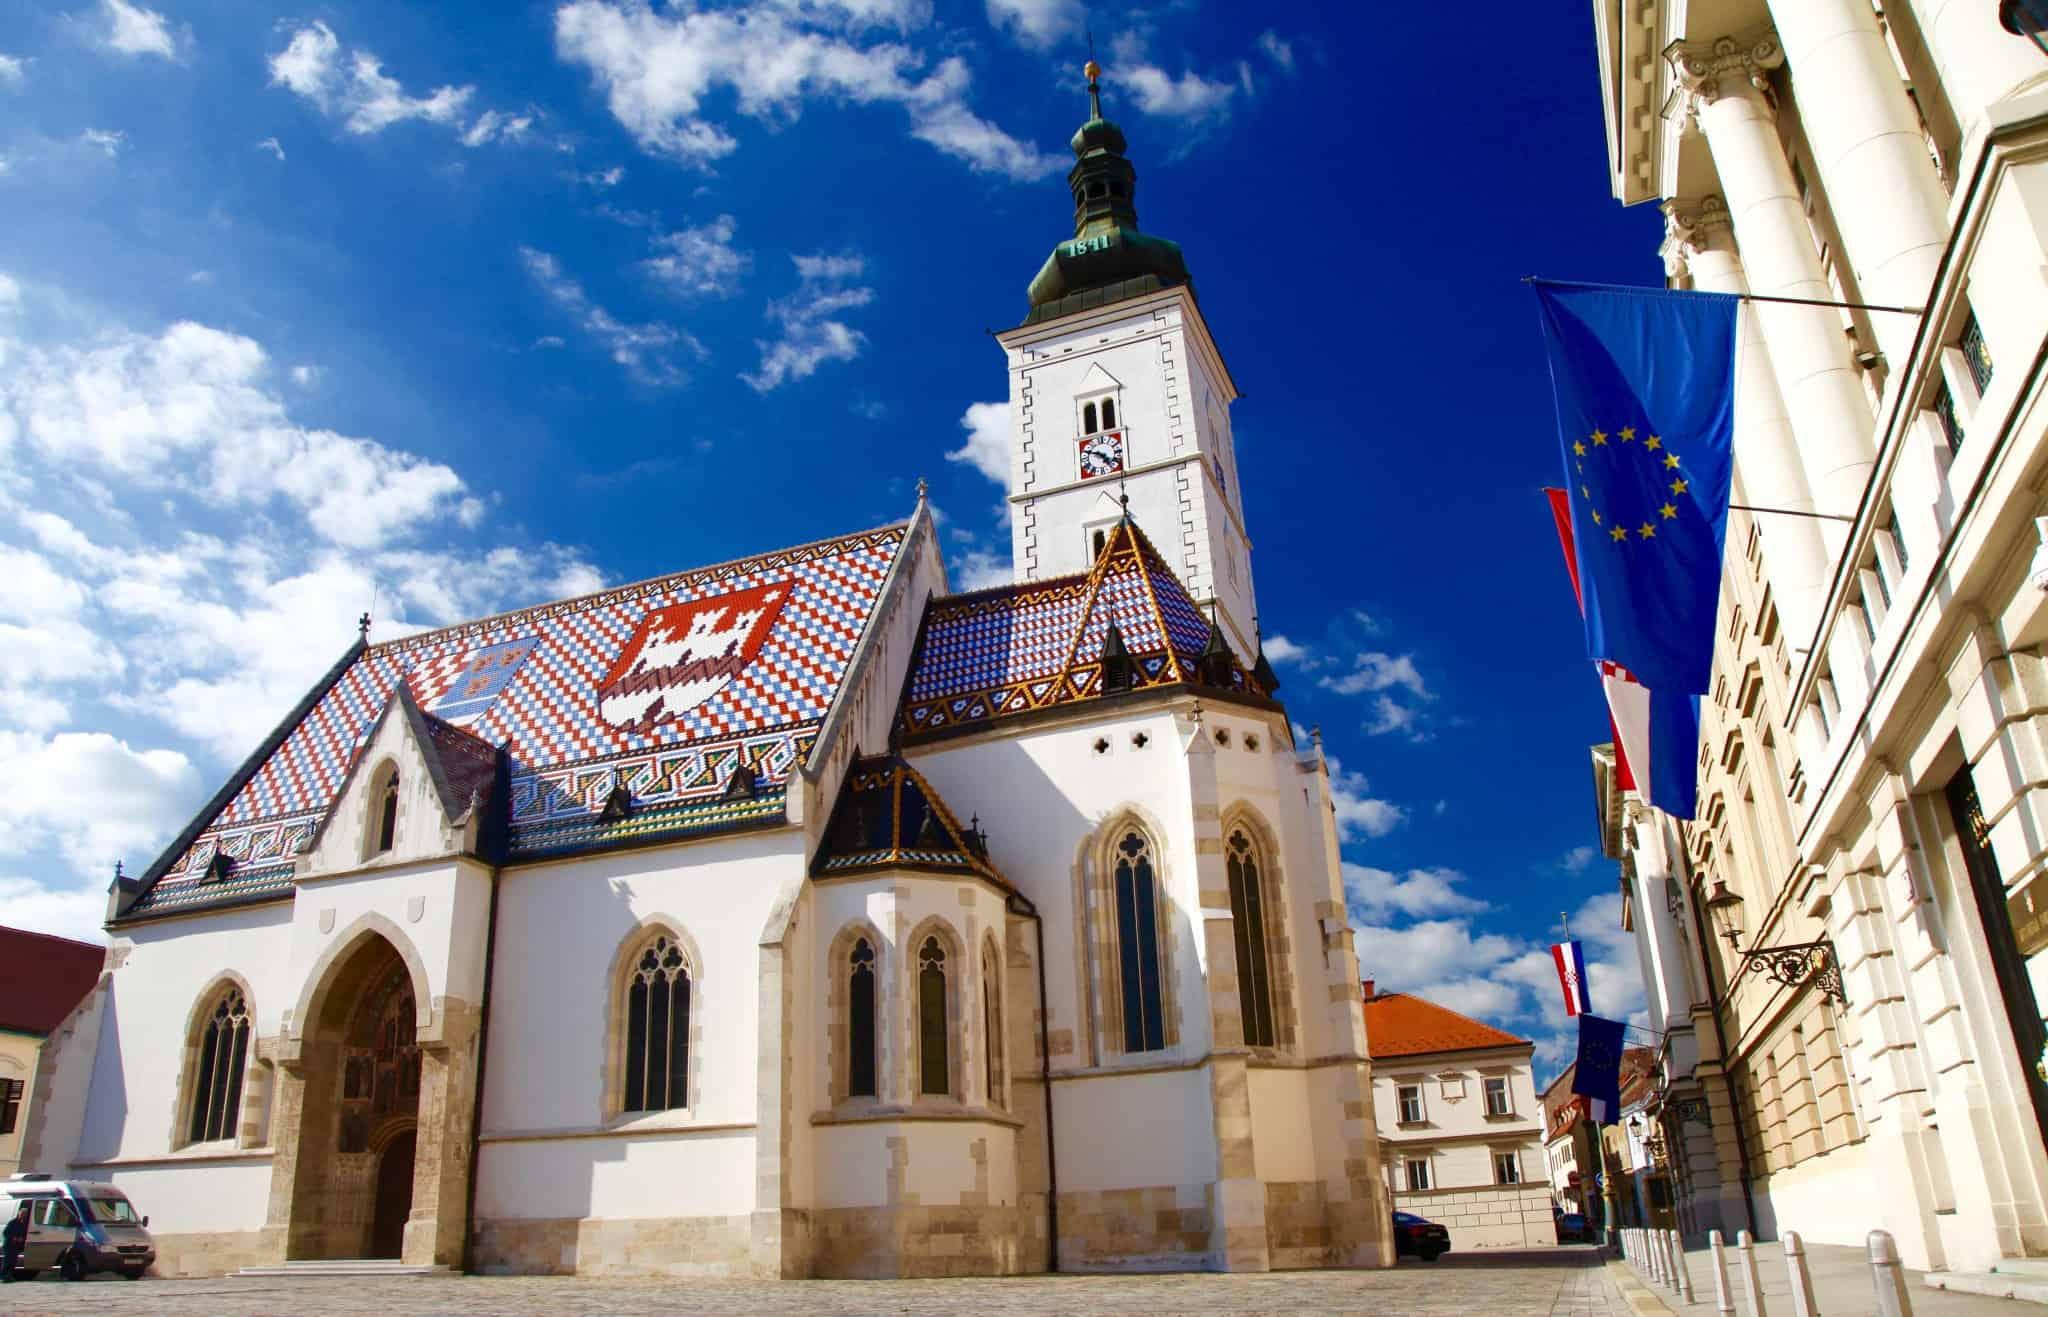 St. Marks Church in Zagreb